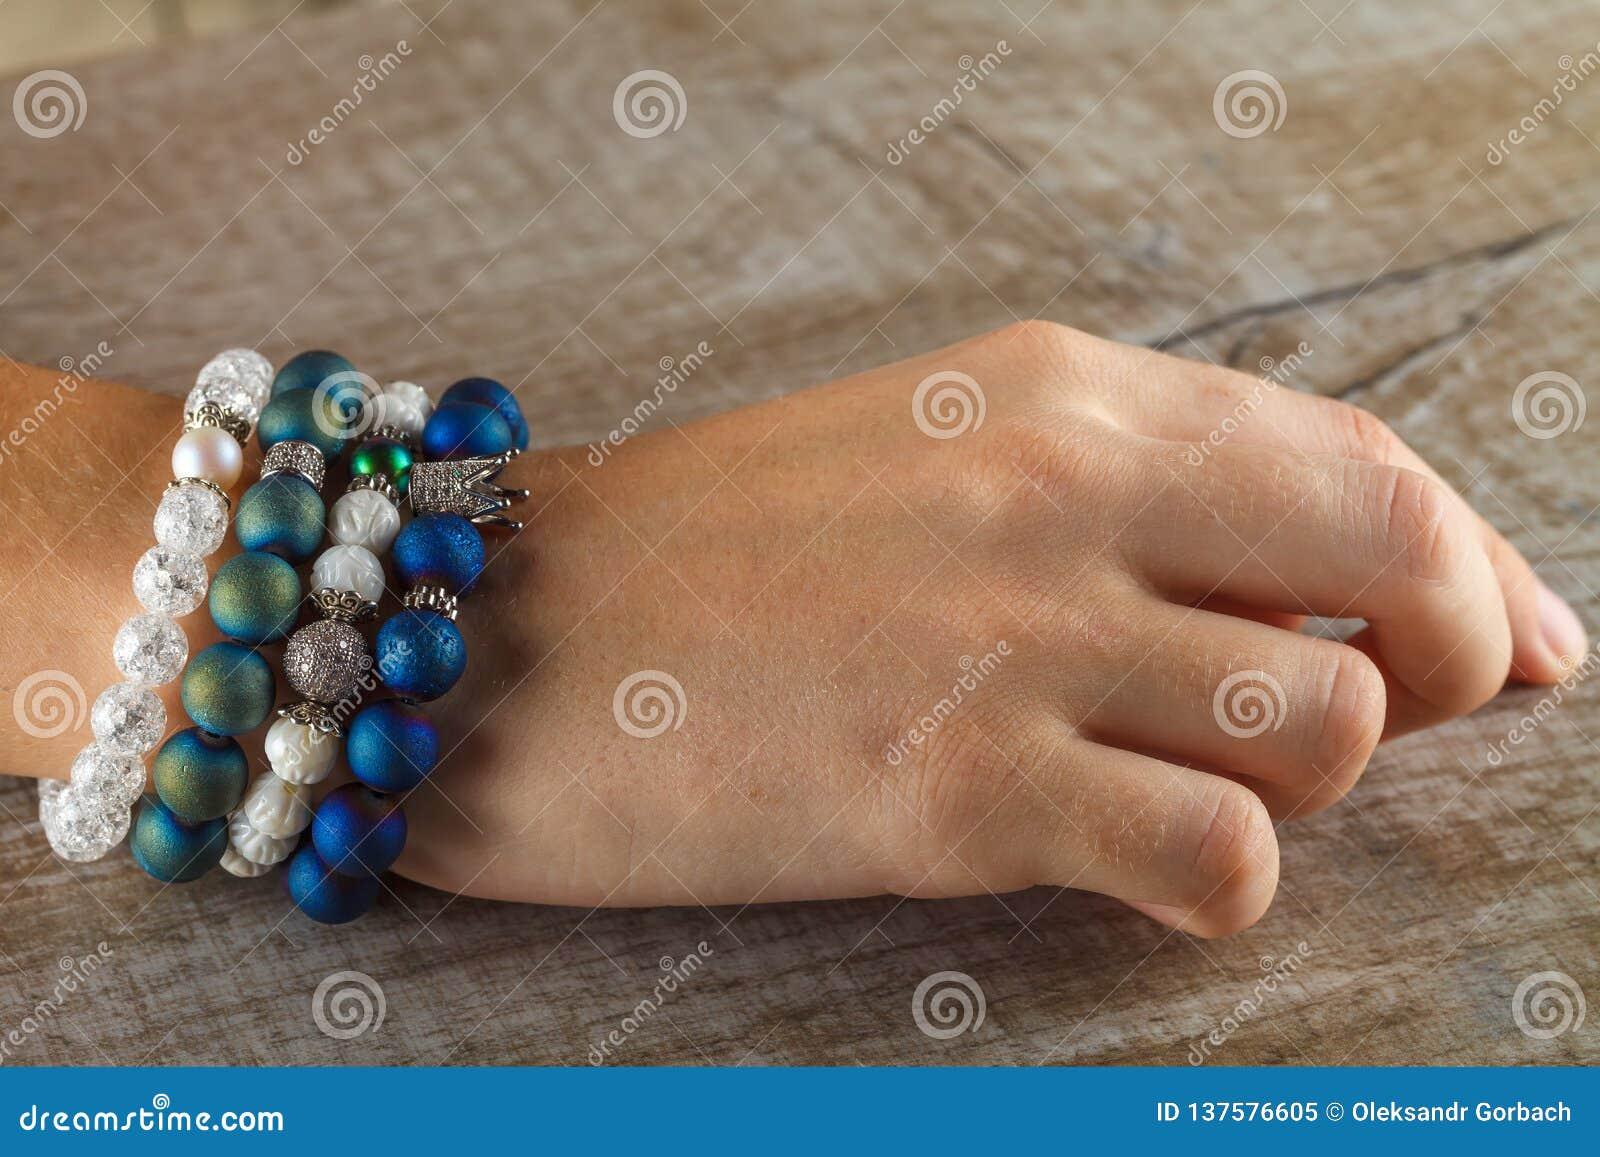 Joyería hermosa hecha de piedras naturales y de accesorios exquisitos en la mano de una mujer